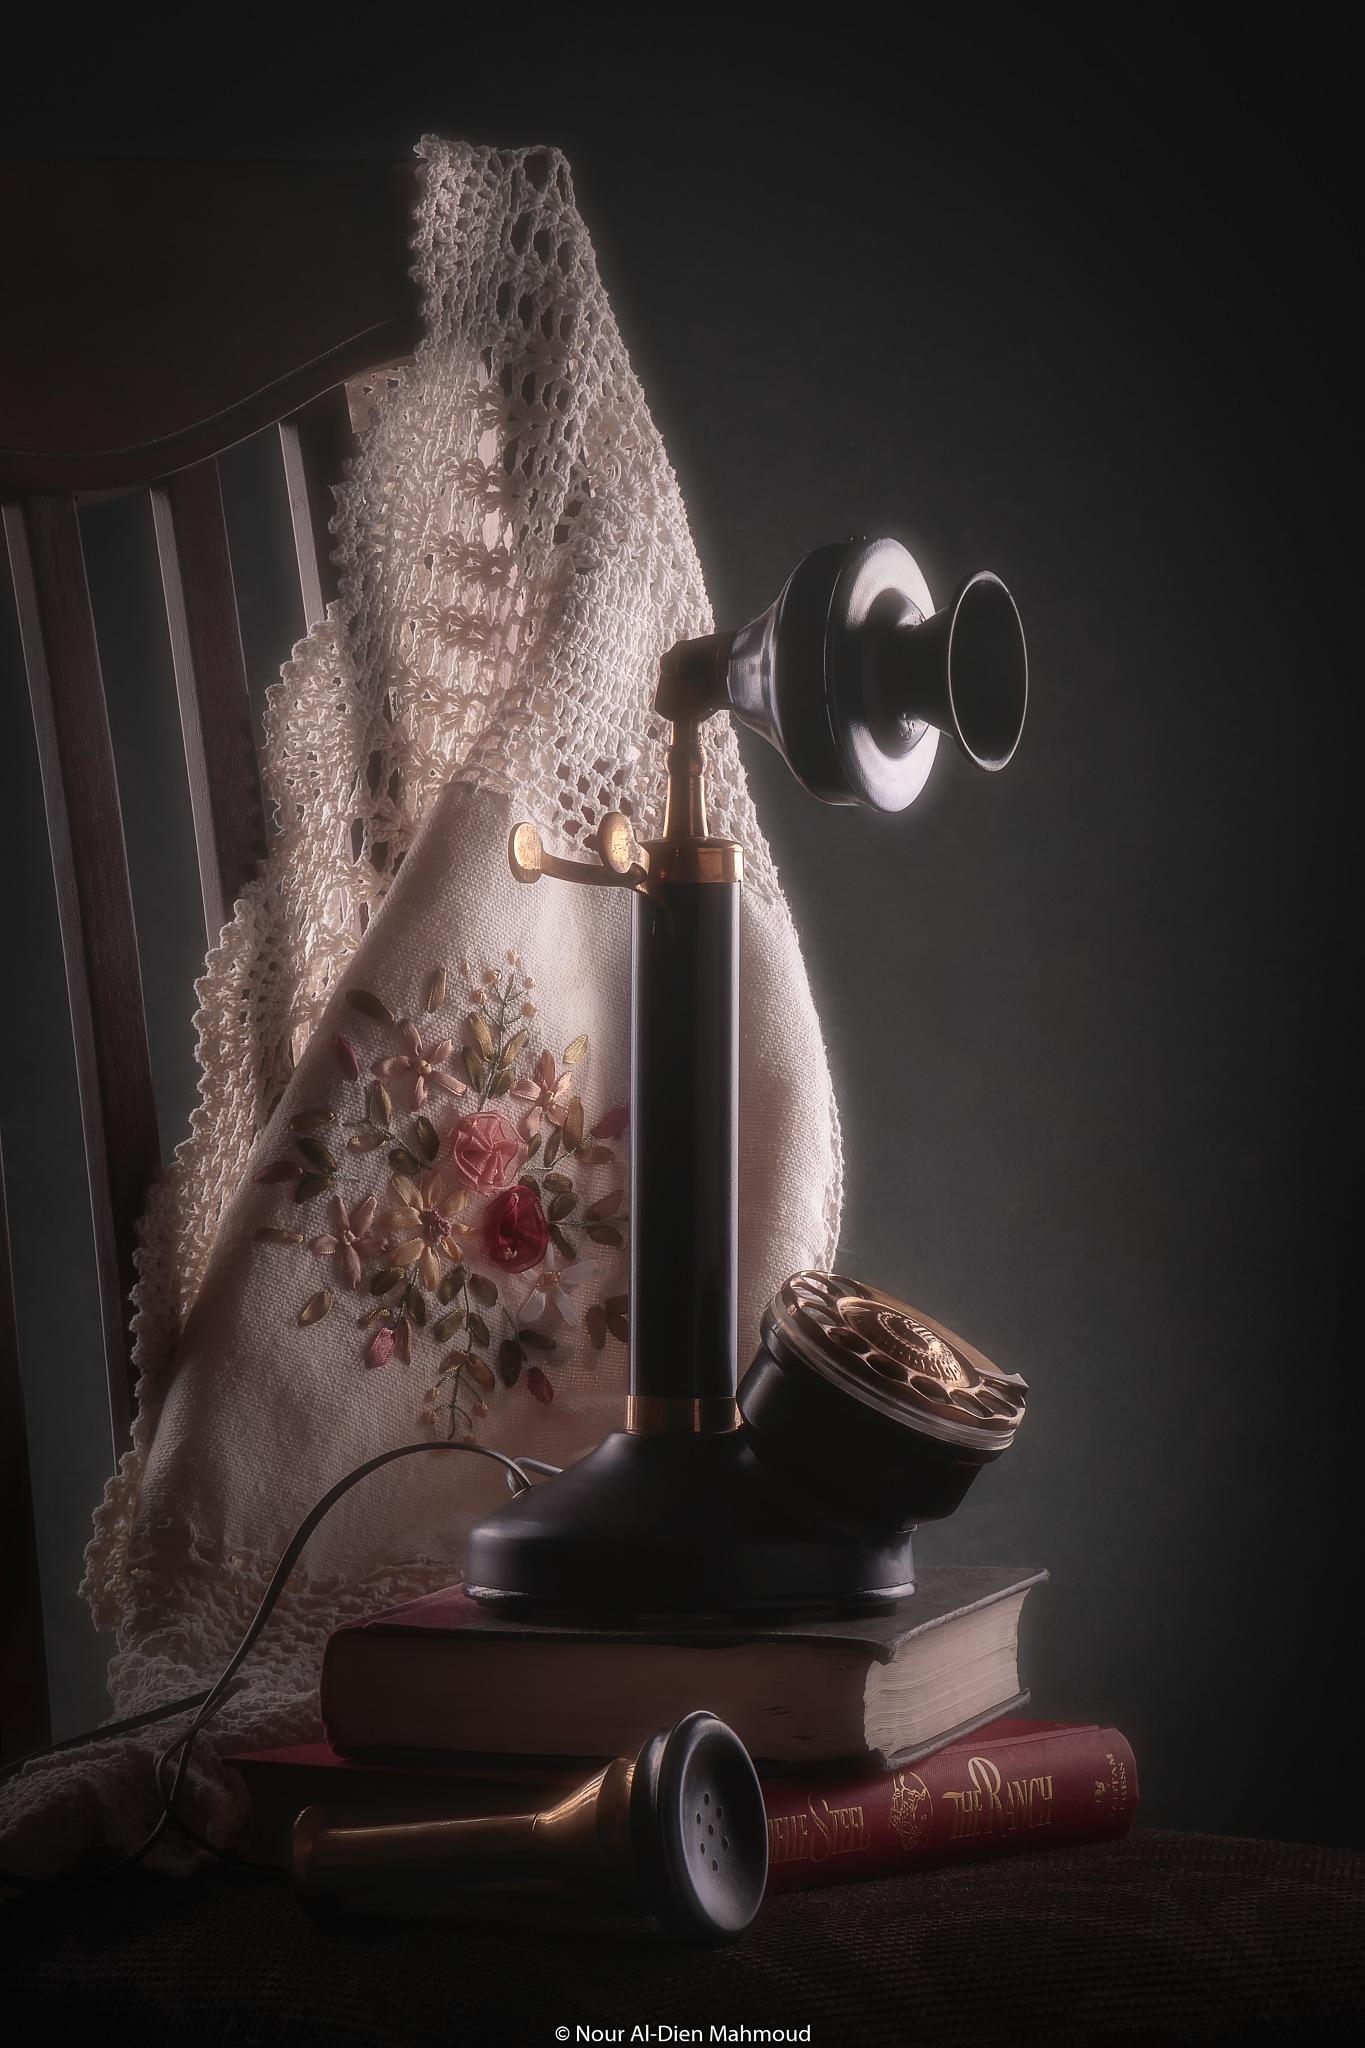 Antique Light by Nour Al-Dien Mahmoud